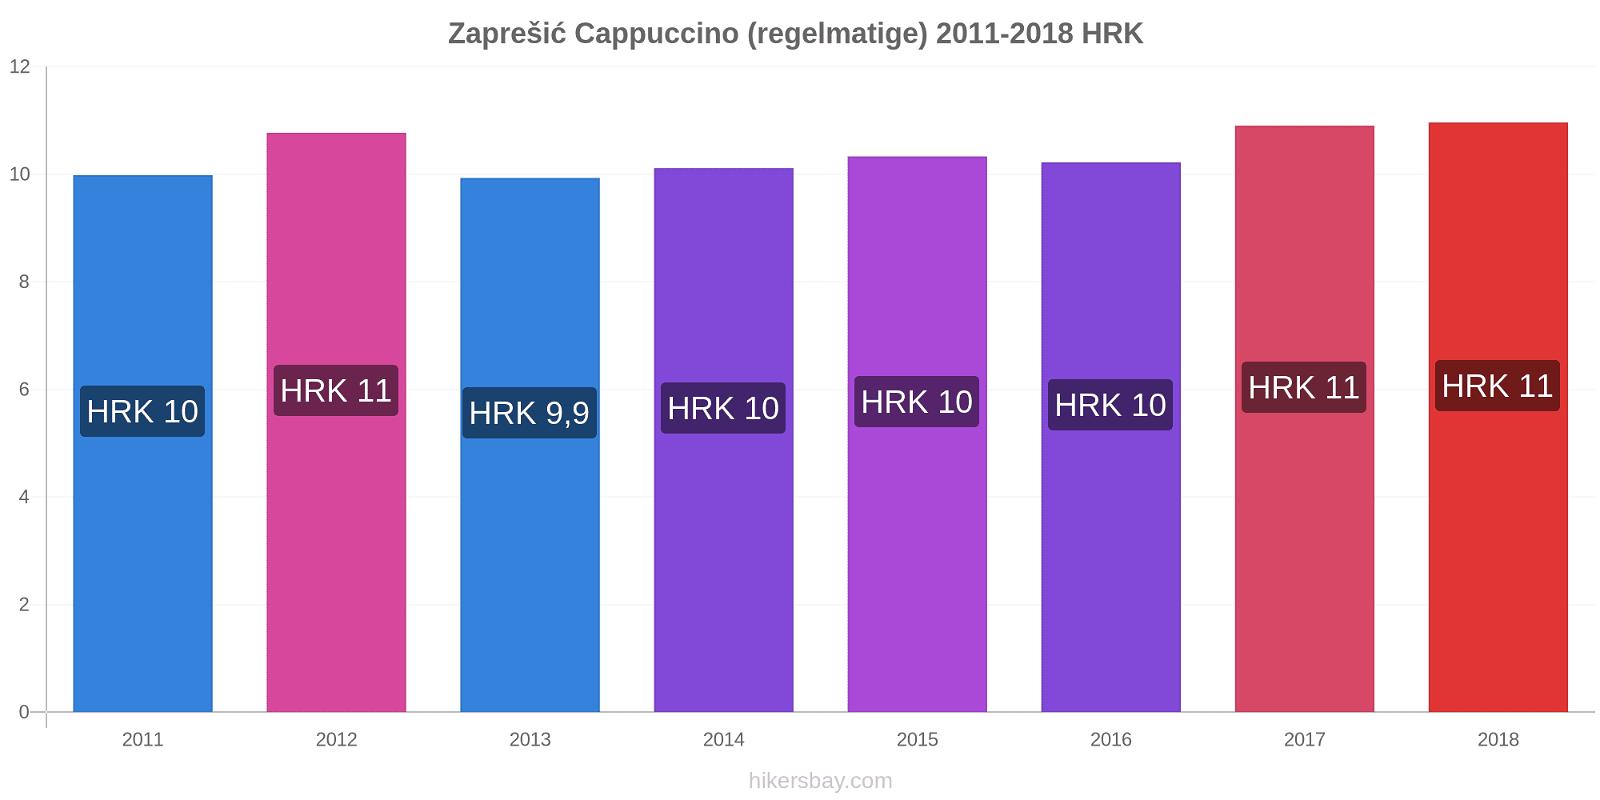 Zaprešić prijswijzigingen Cappuccino (regelmatige) hikersbay.com